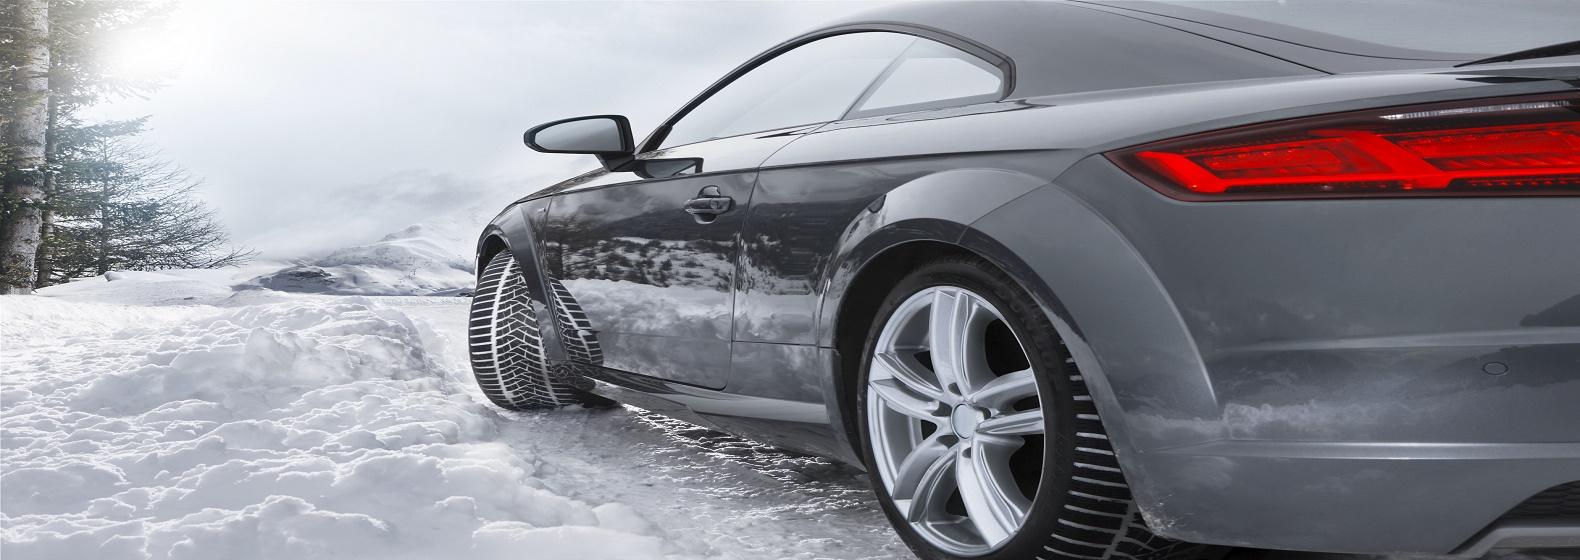 Winter-Sport-5-prianjanje-iszdrzljivost-potrosnja-sigurnost-performanse